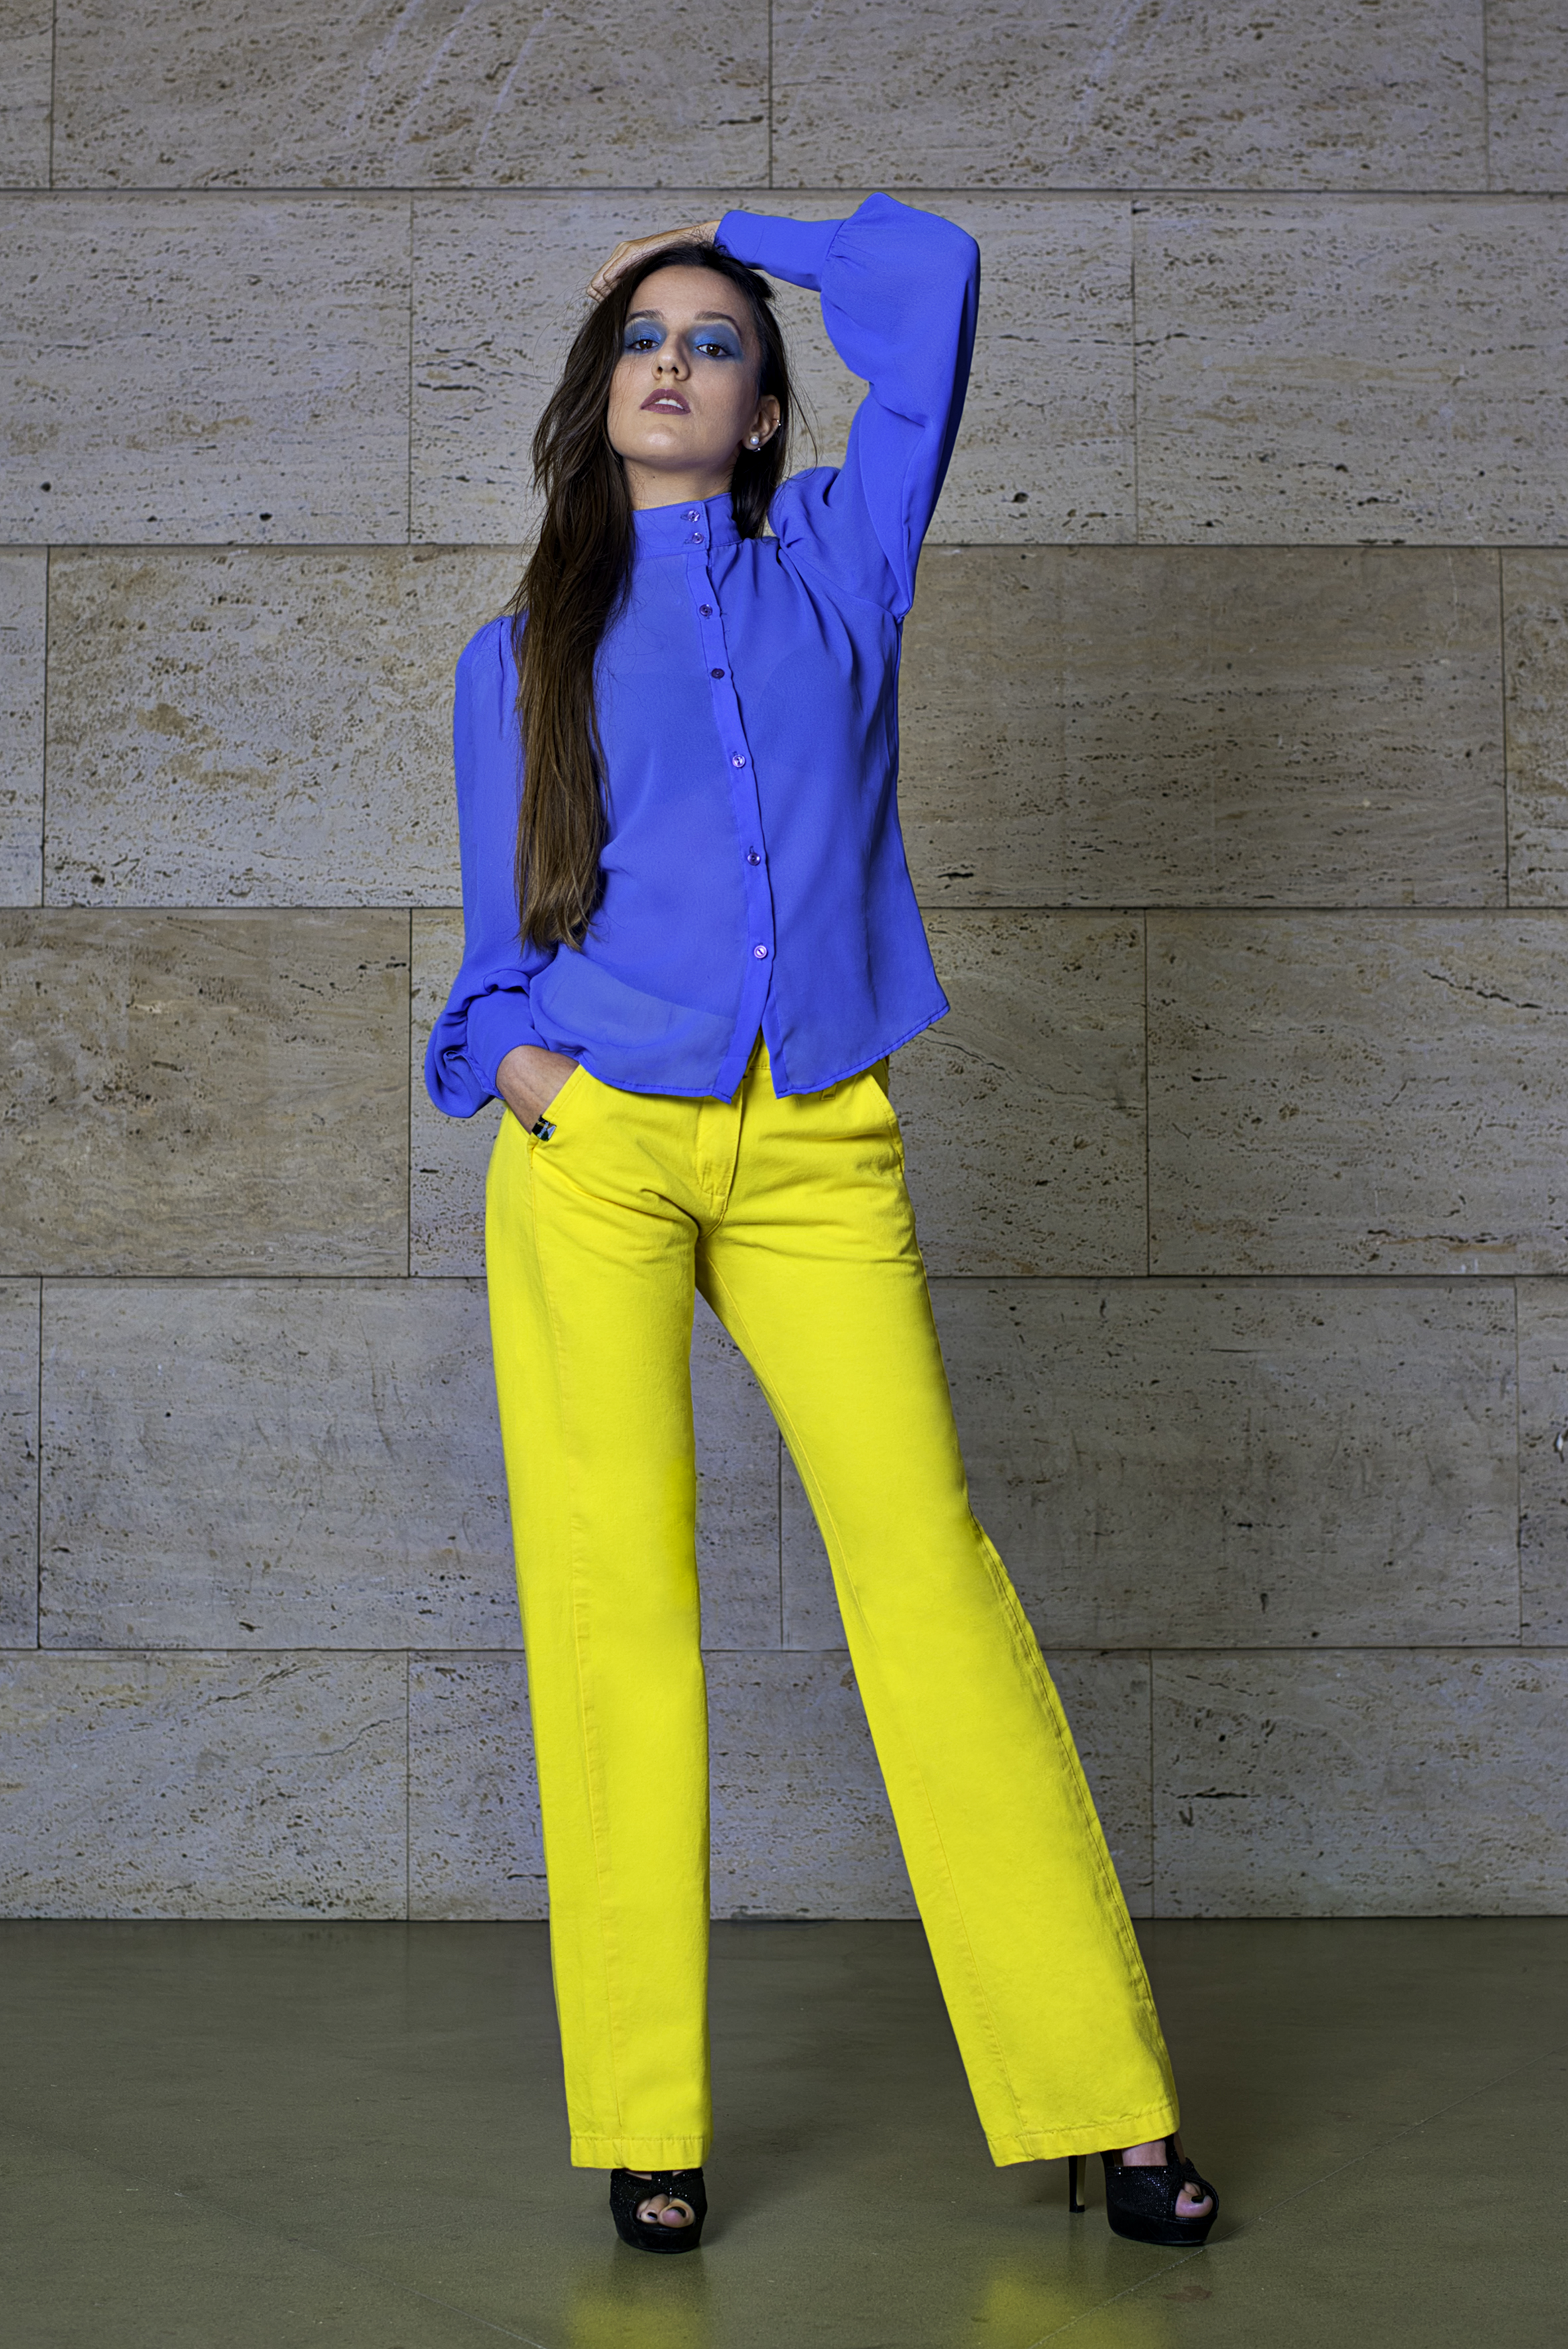 Cuerpo-entero-azul-y-amarillo.jpg